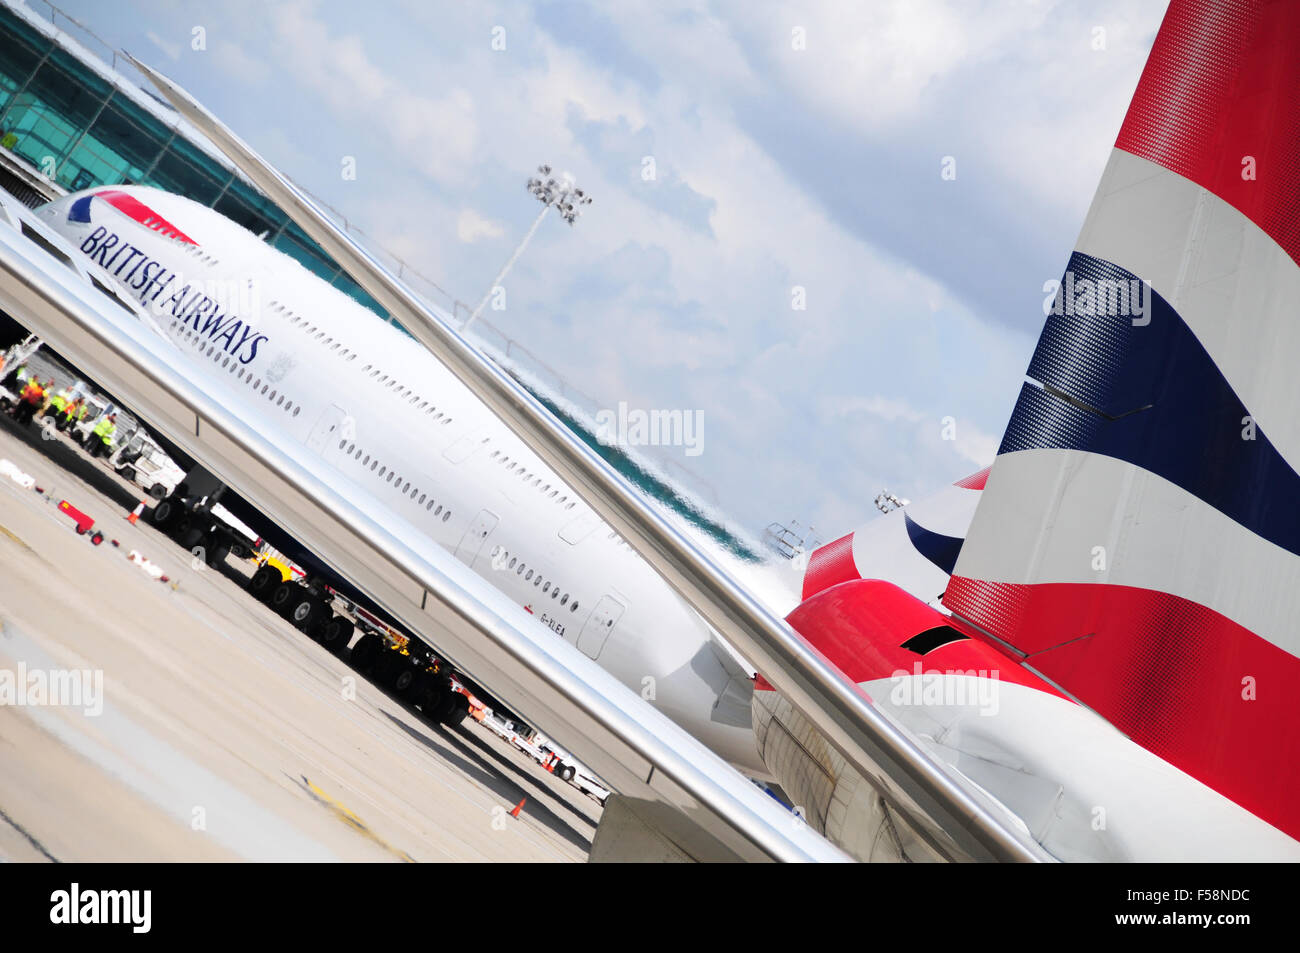 British Airways A380 all'Aeroporto di Stansted Regno Unito Immagini Stock